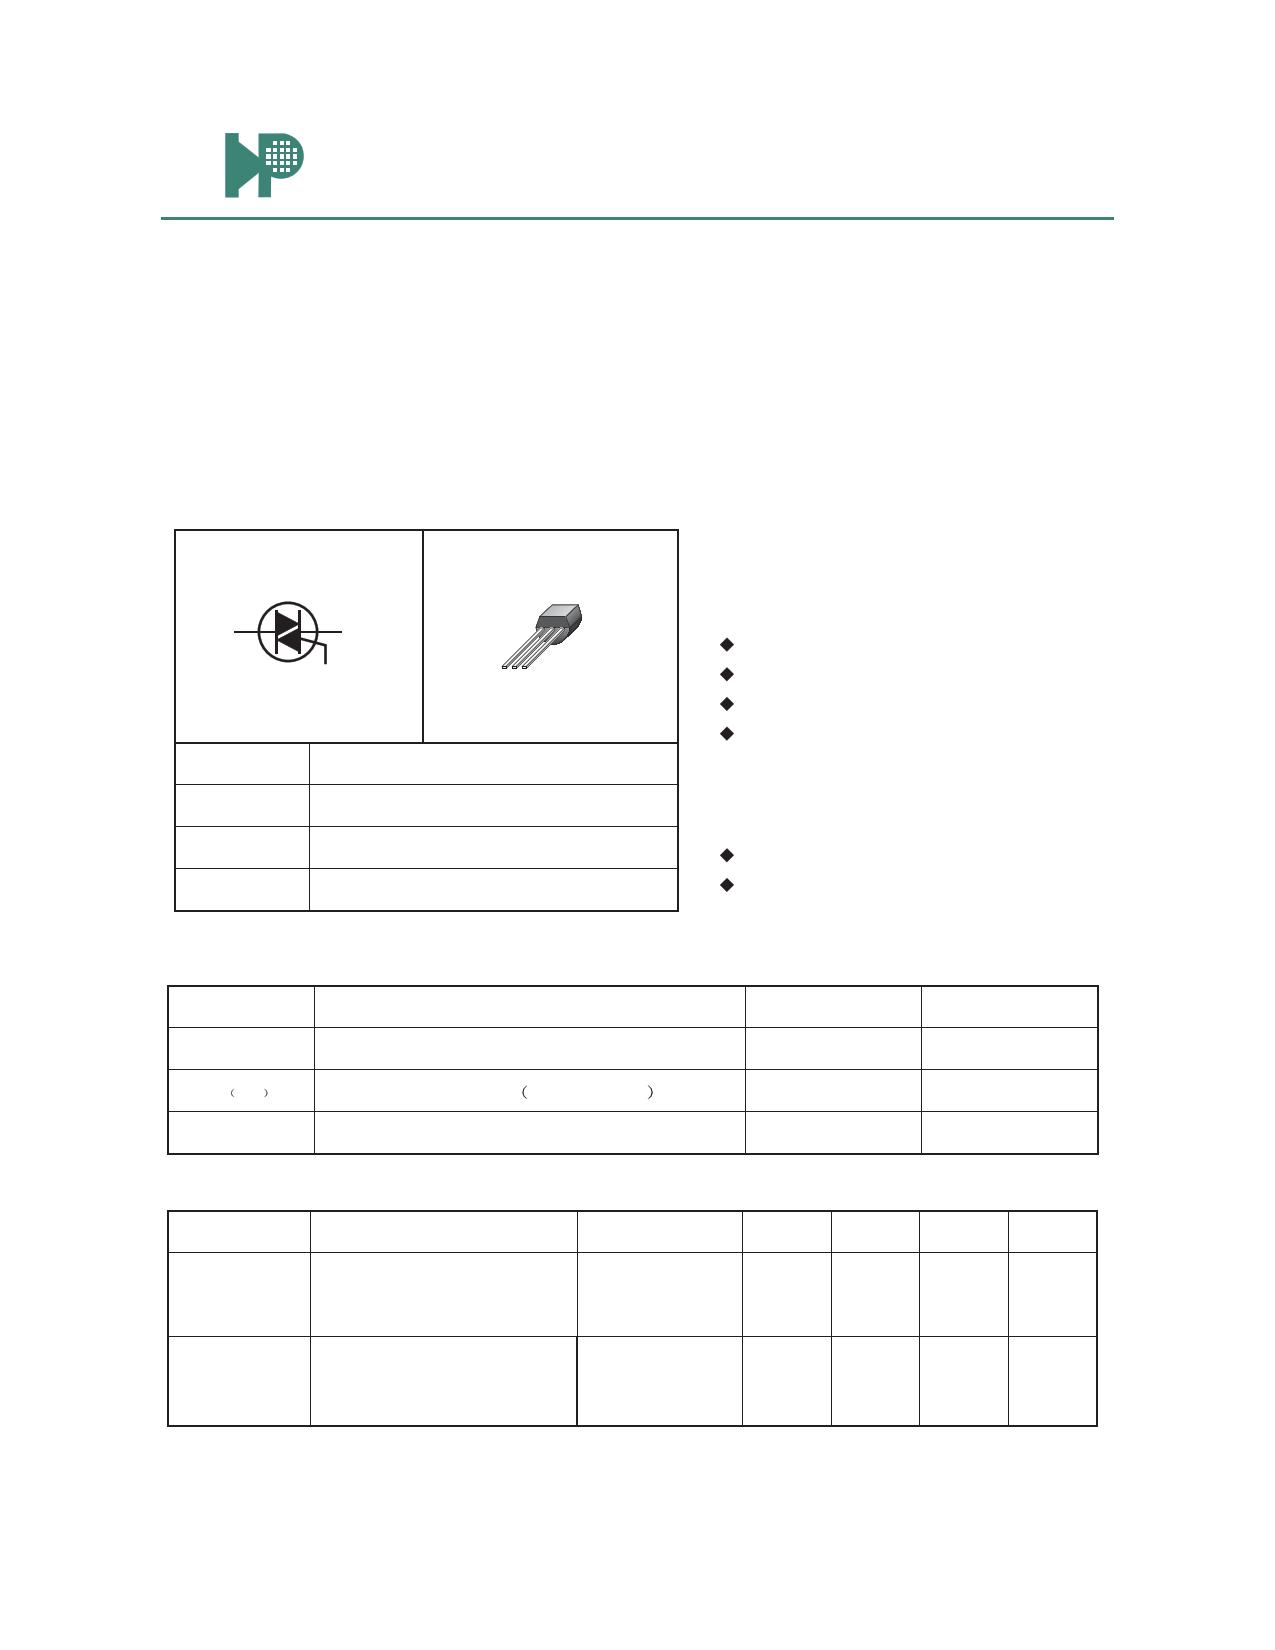 Z00607MA datasheet